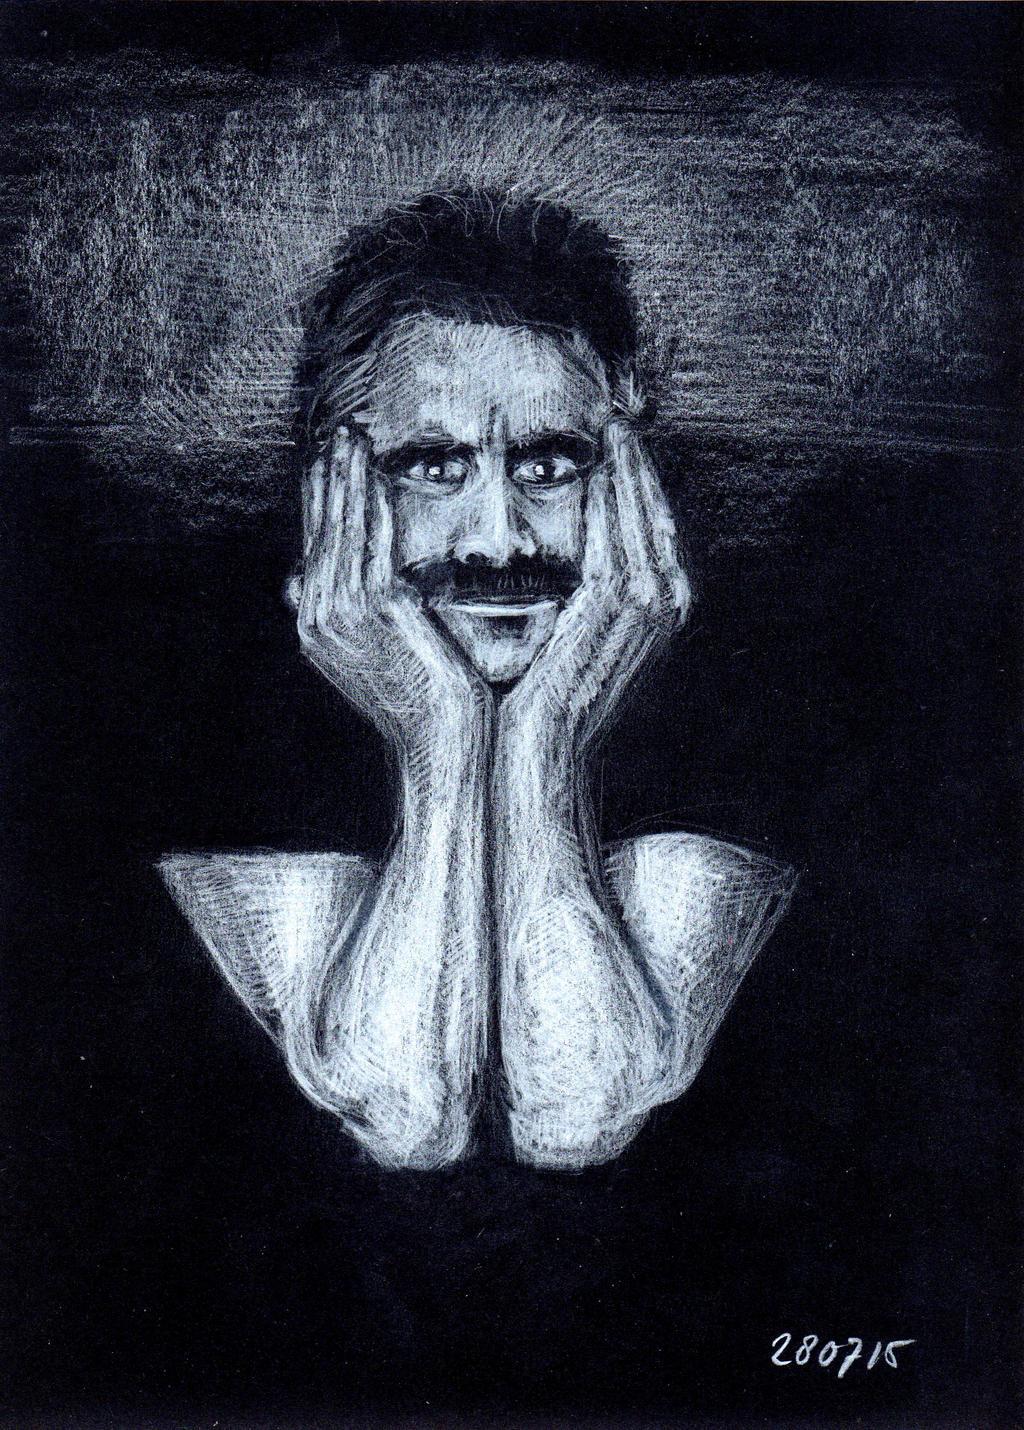 Selfportrait I by Joshua-Mozes